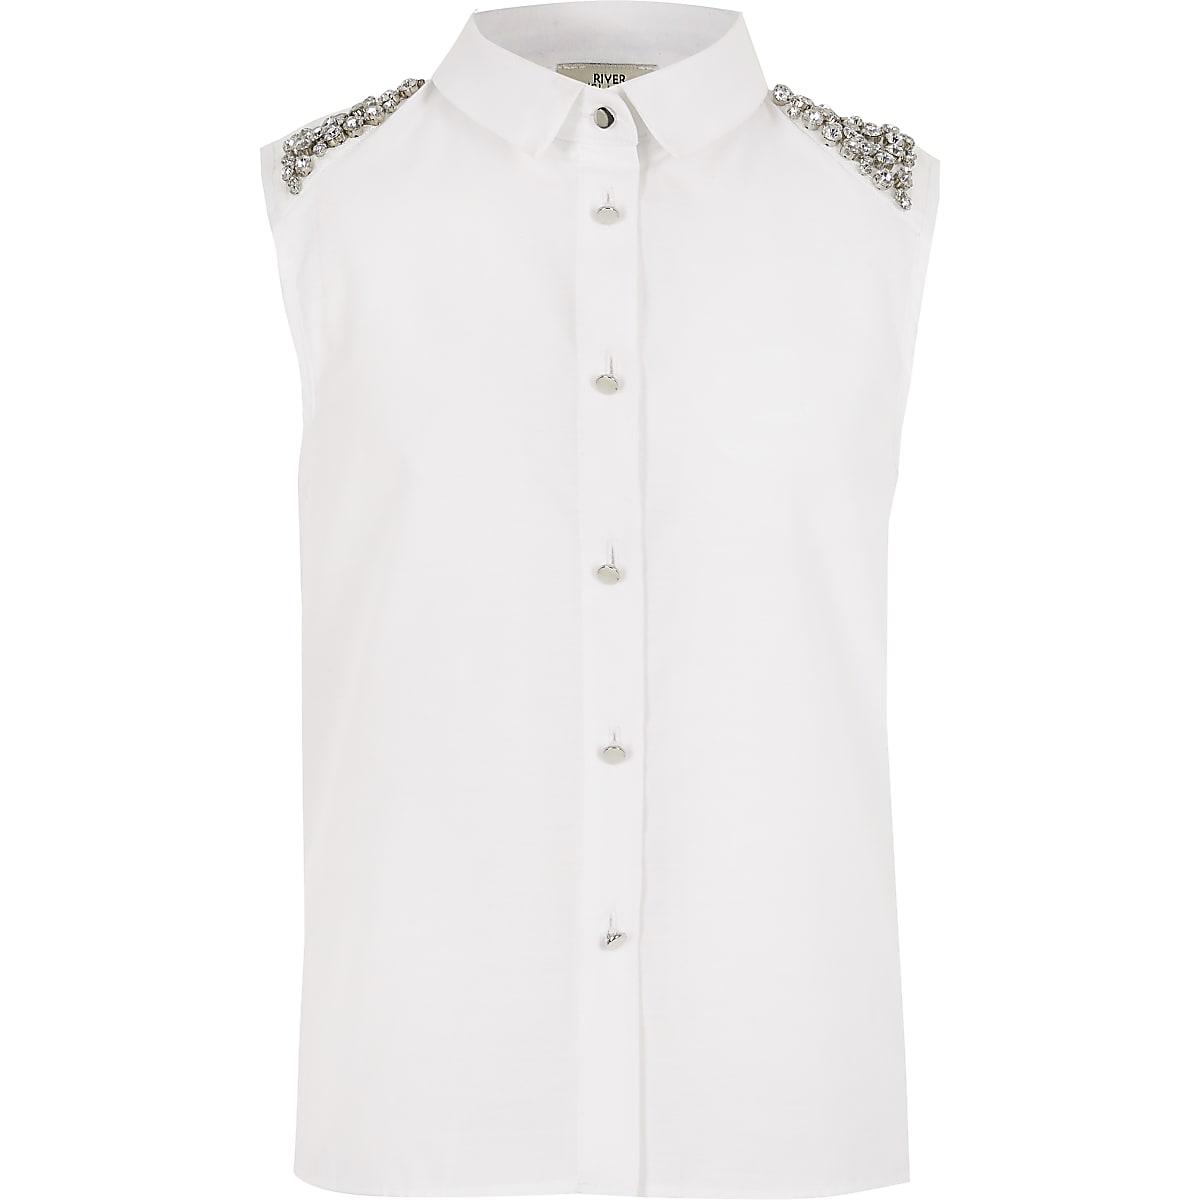 Mouwloos overhemd met verfraaide schouderstukken voor meisjes